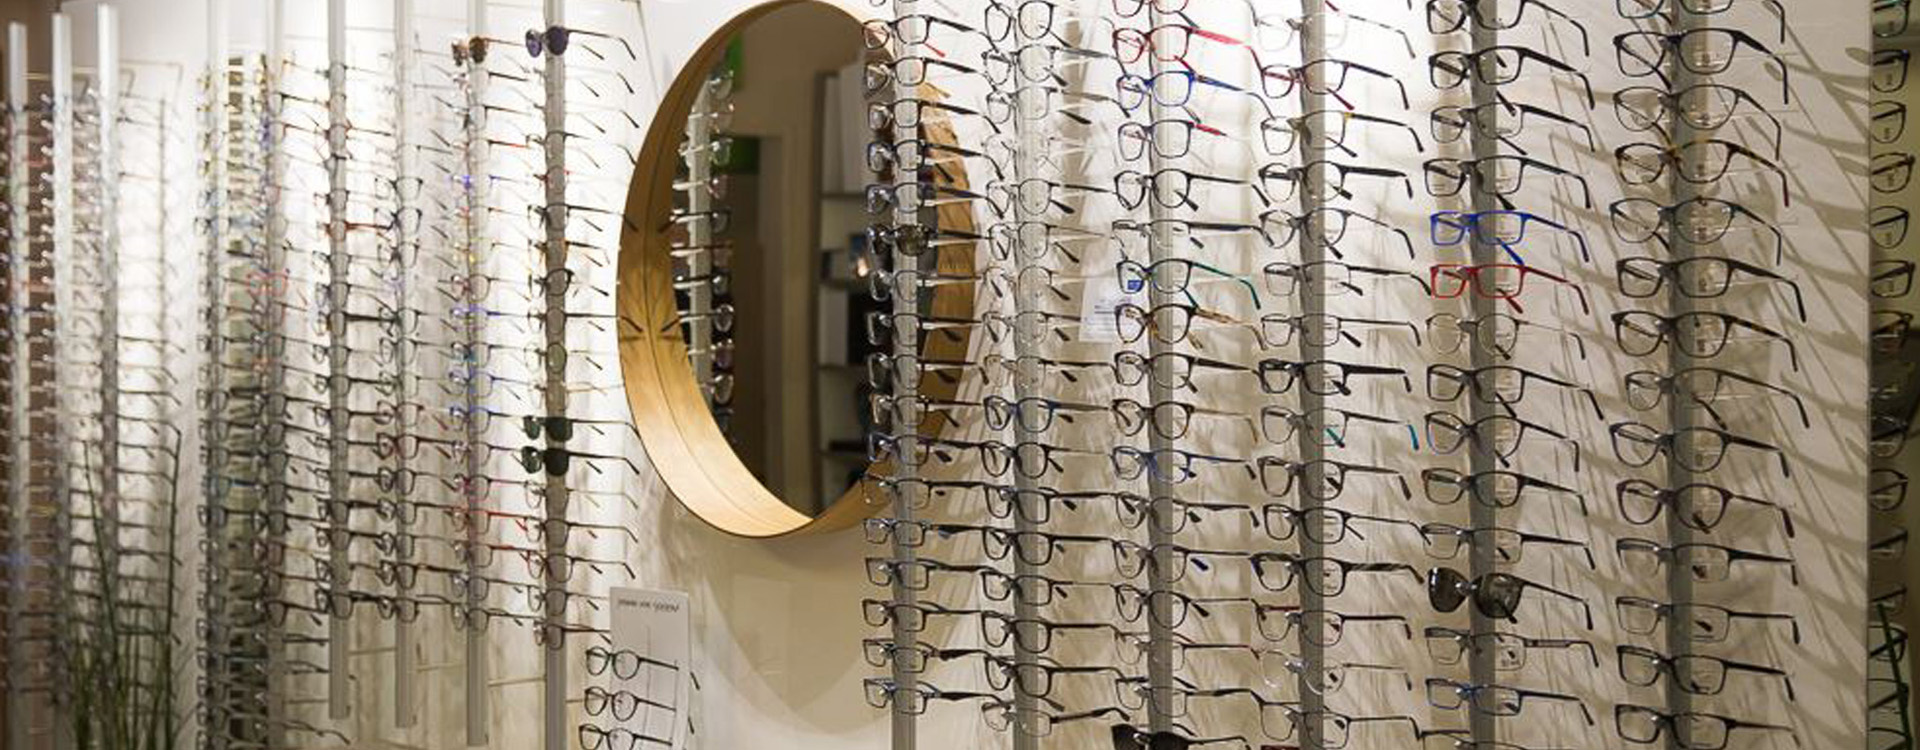 Brillenkollektion